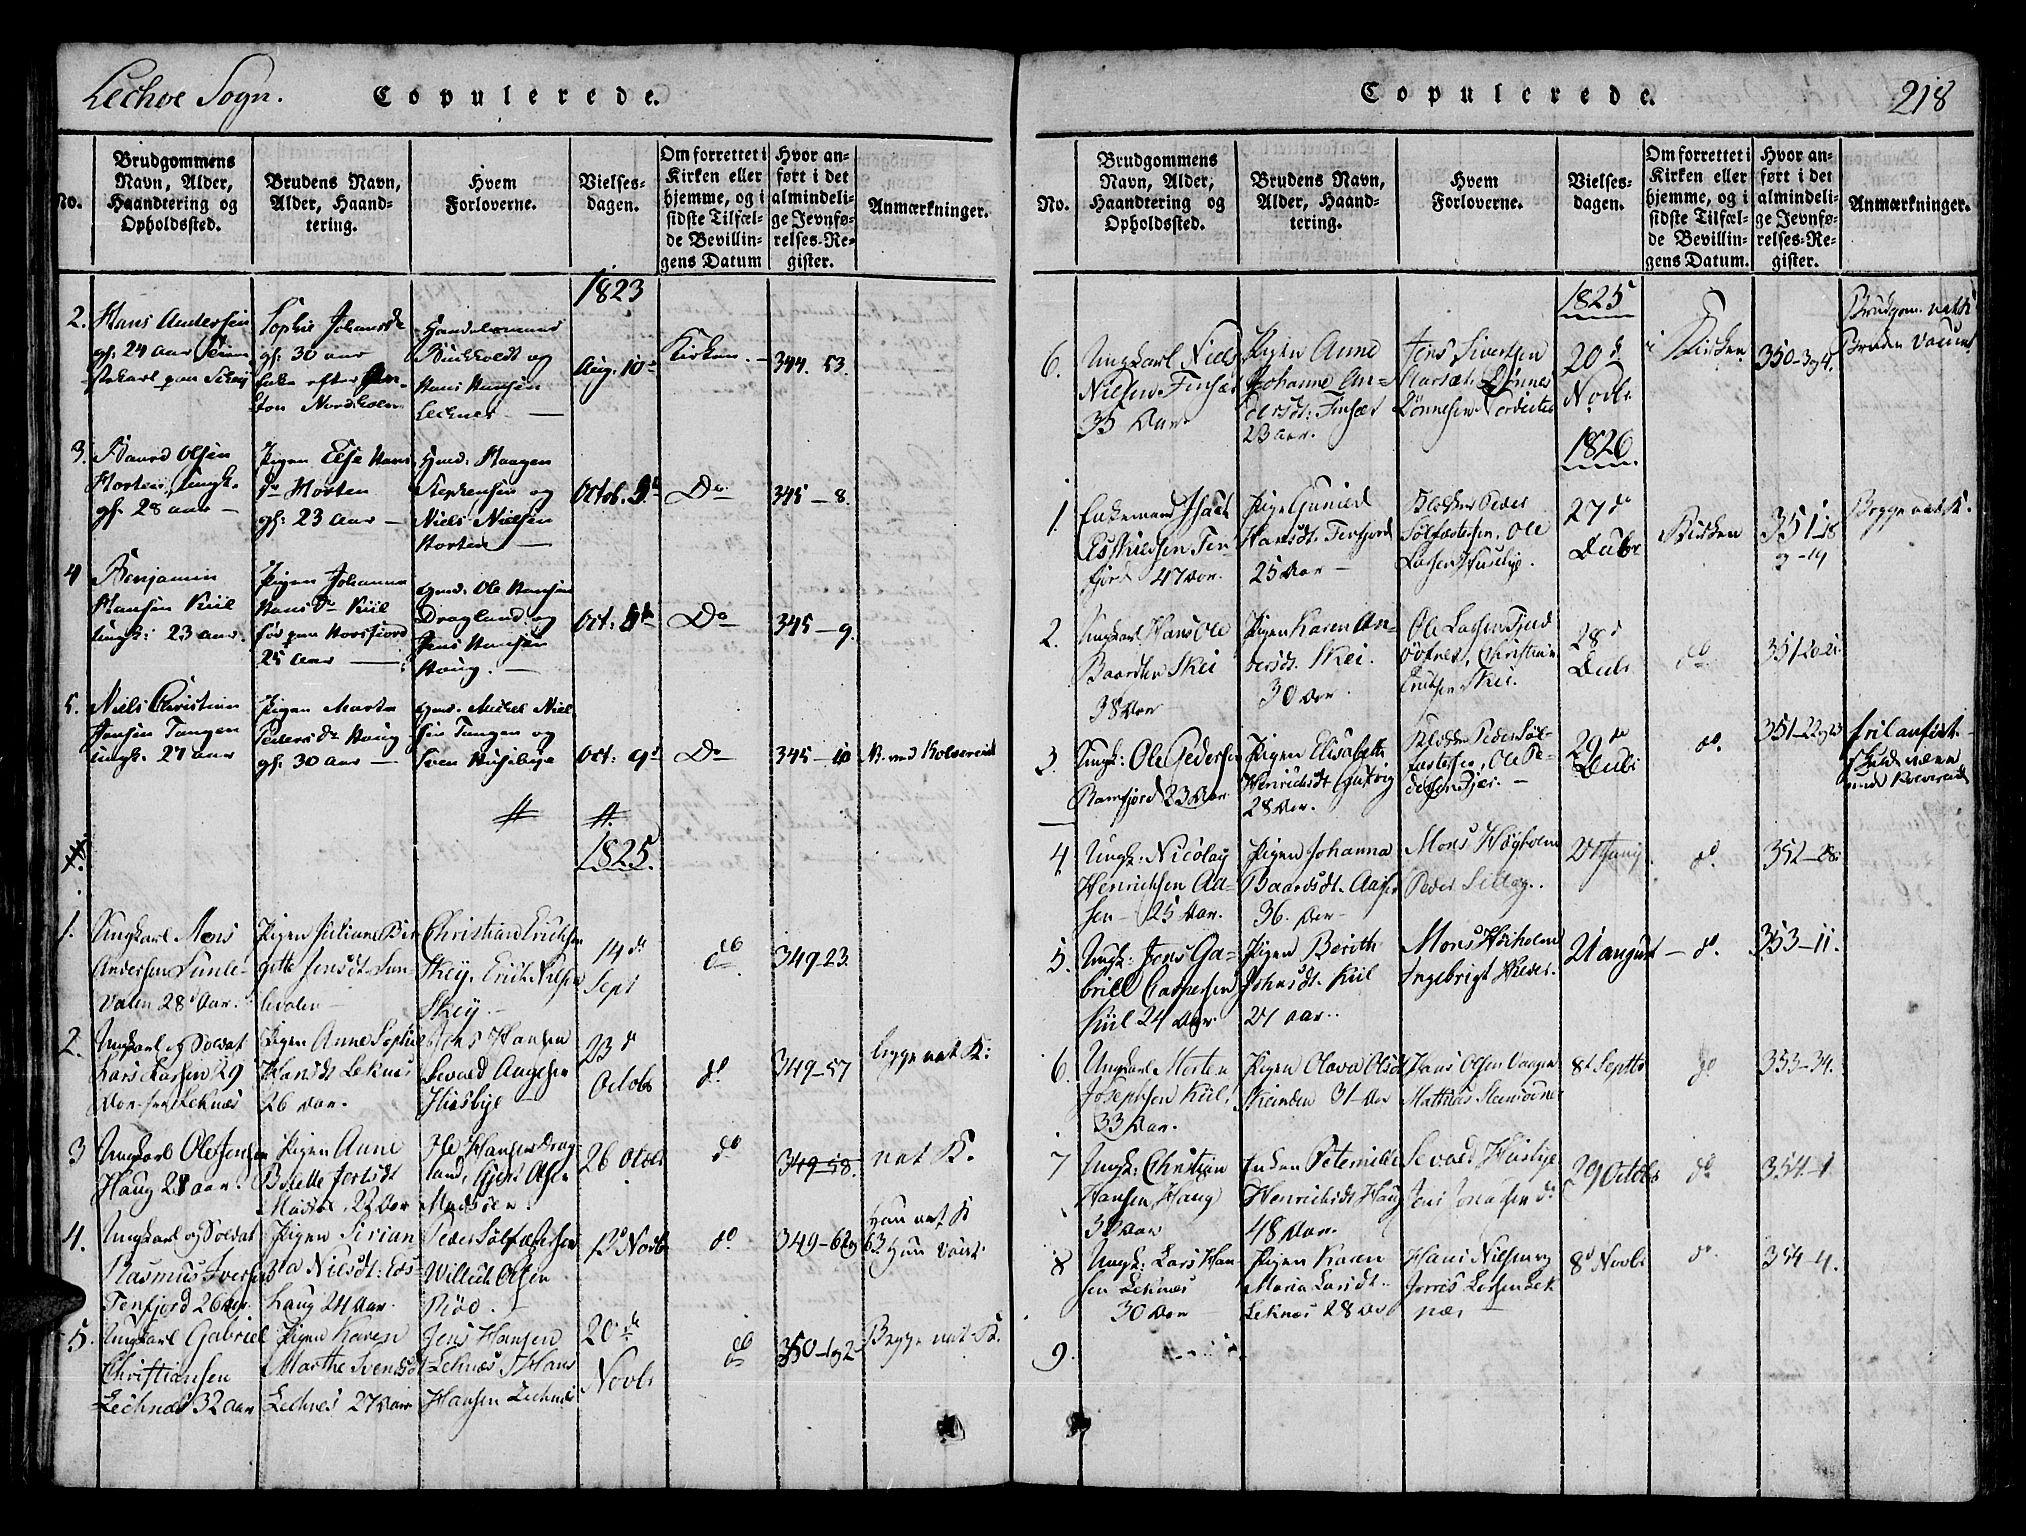 SAT, Ministerialprotokoller, klokkerbøker og fødselsregistre - Nord-Trøndelag, 780/L0636: Ministerialbok nr. 780A03 /2, 1815-1829, s. 218